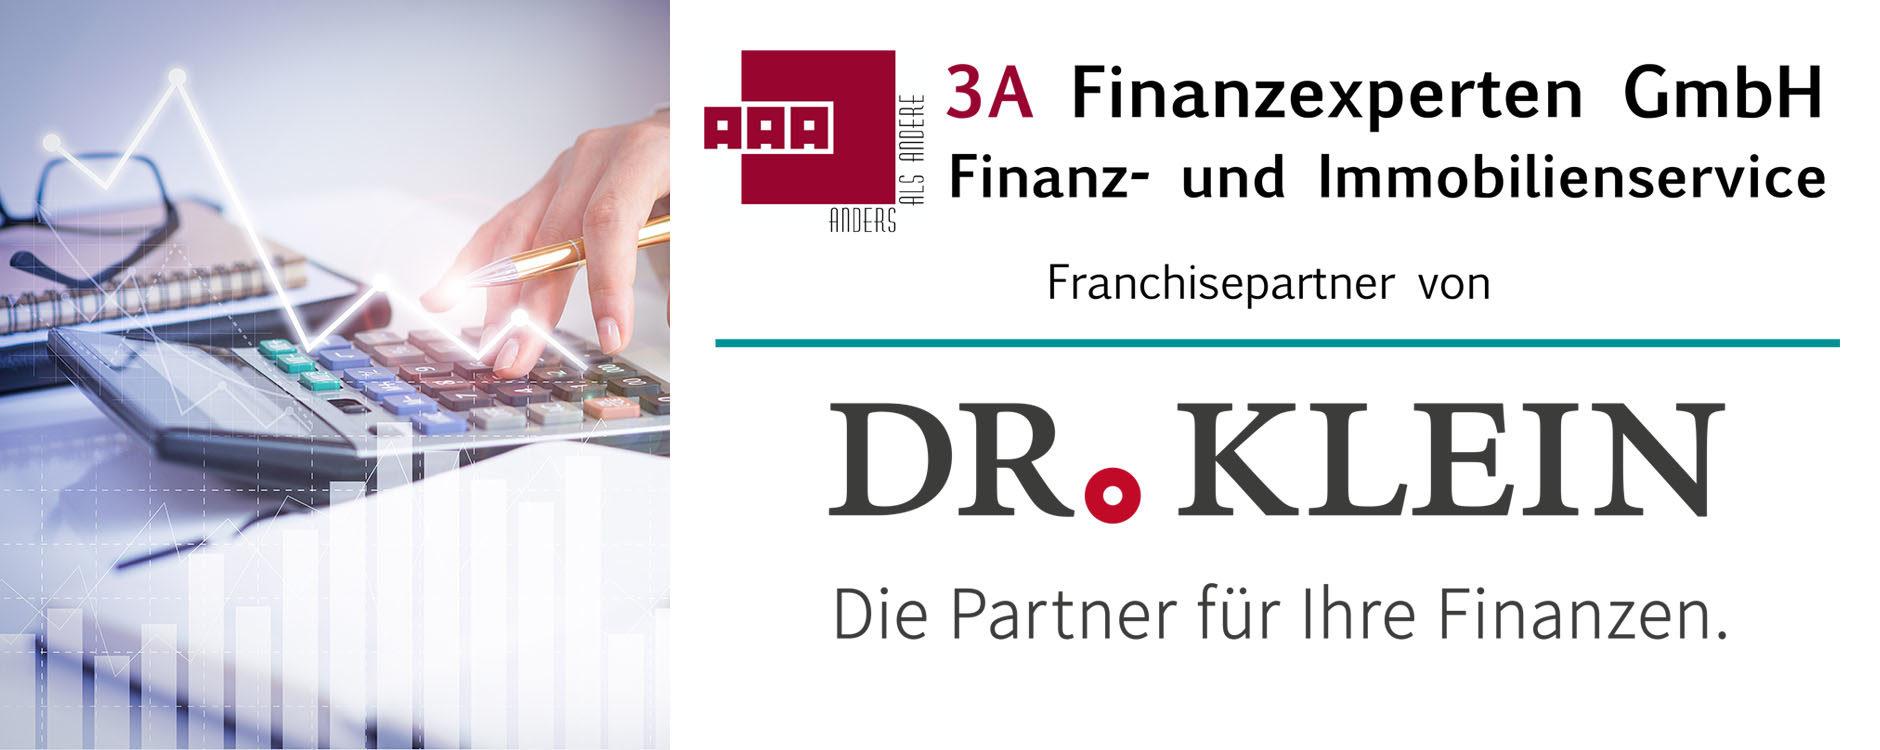 3A Finanzexperten